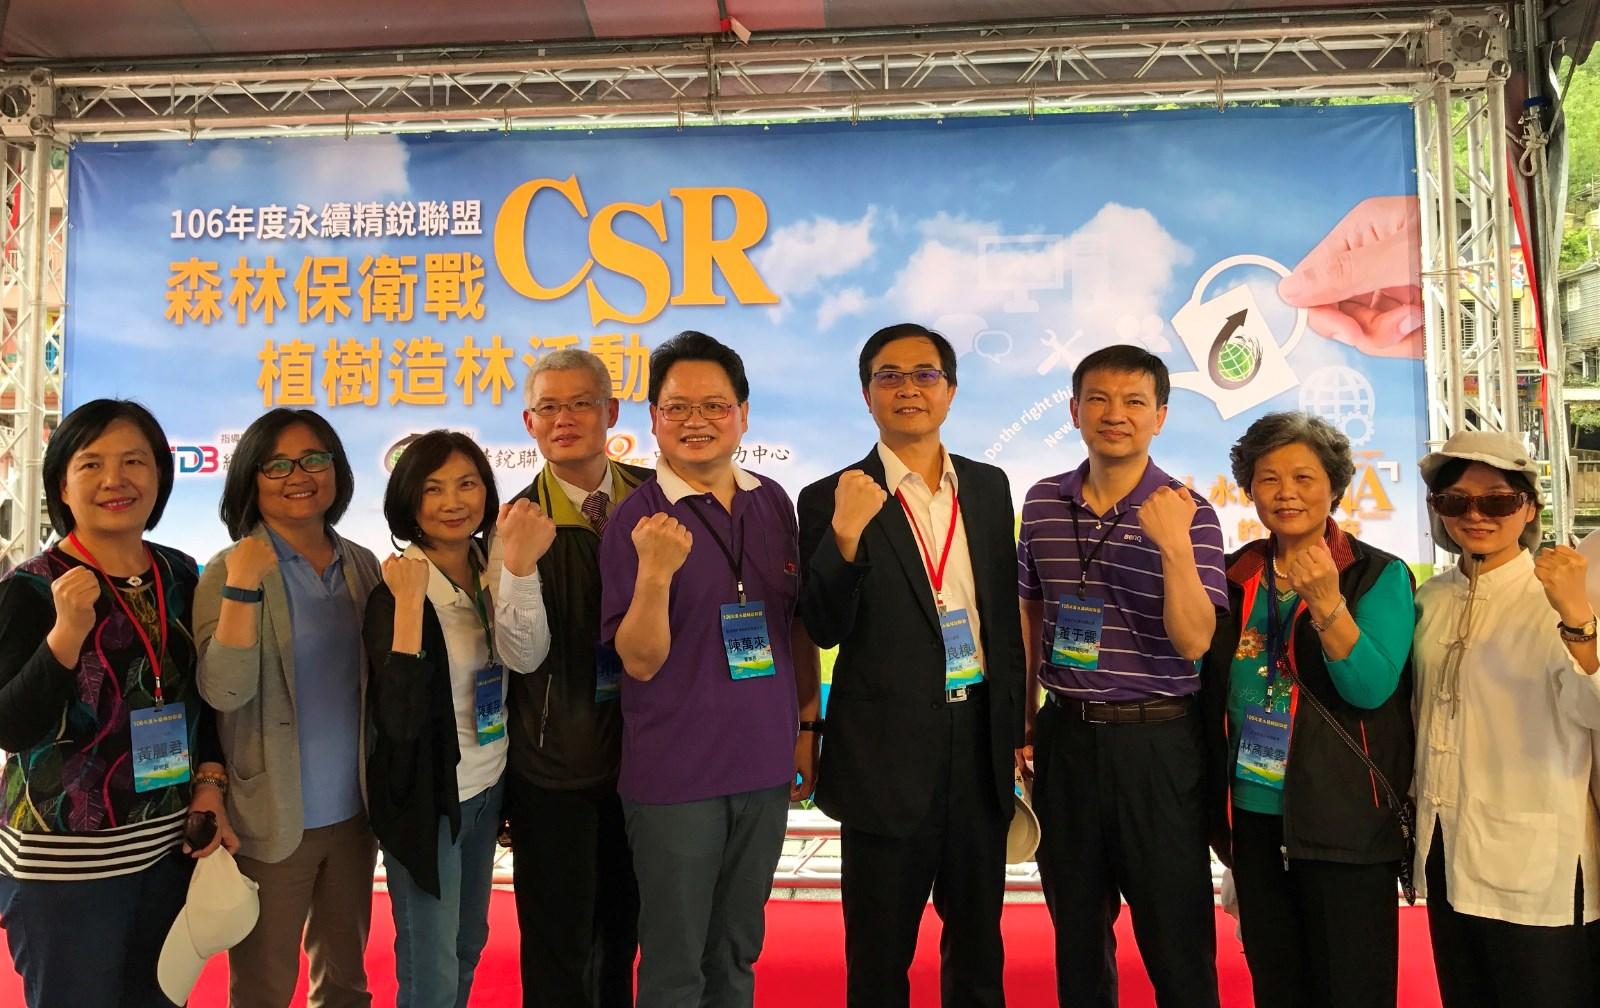 振躍推動CSR企業社會責任-.JPG